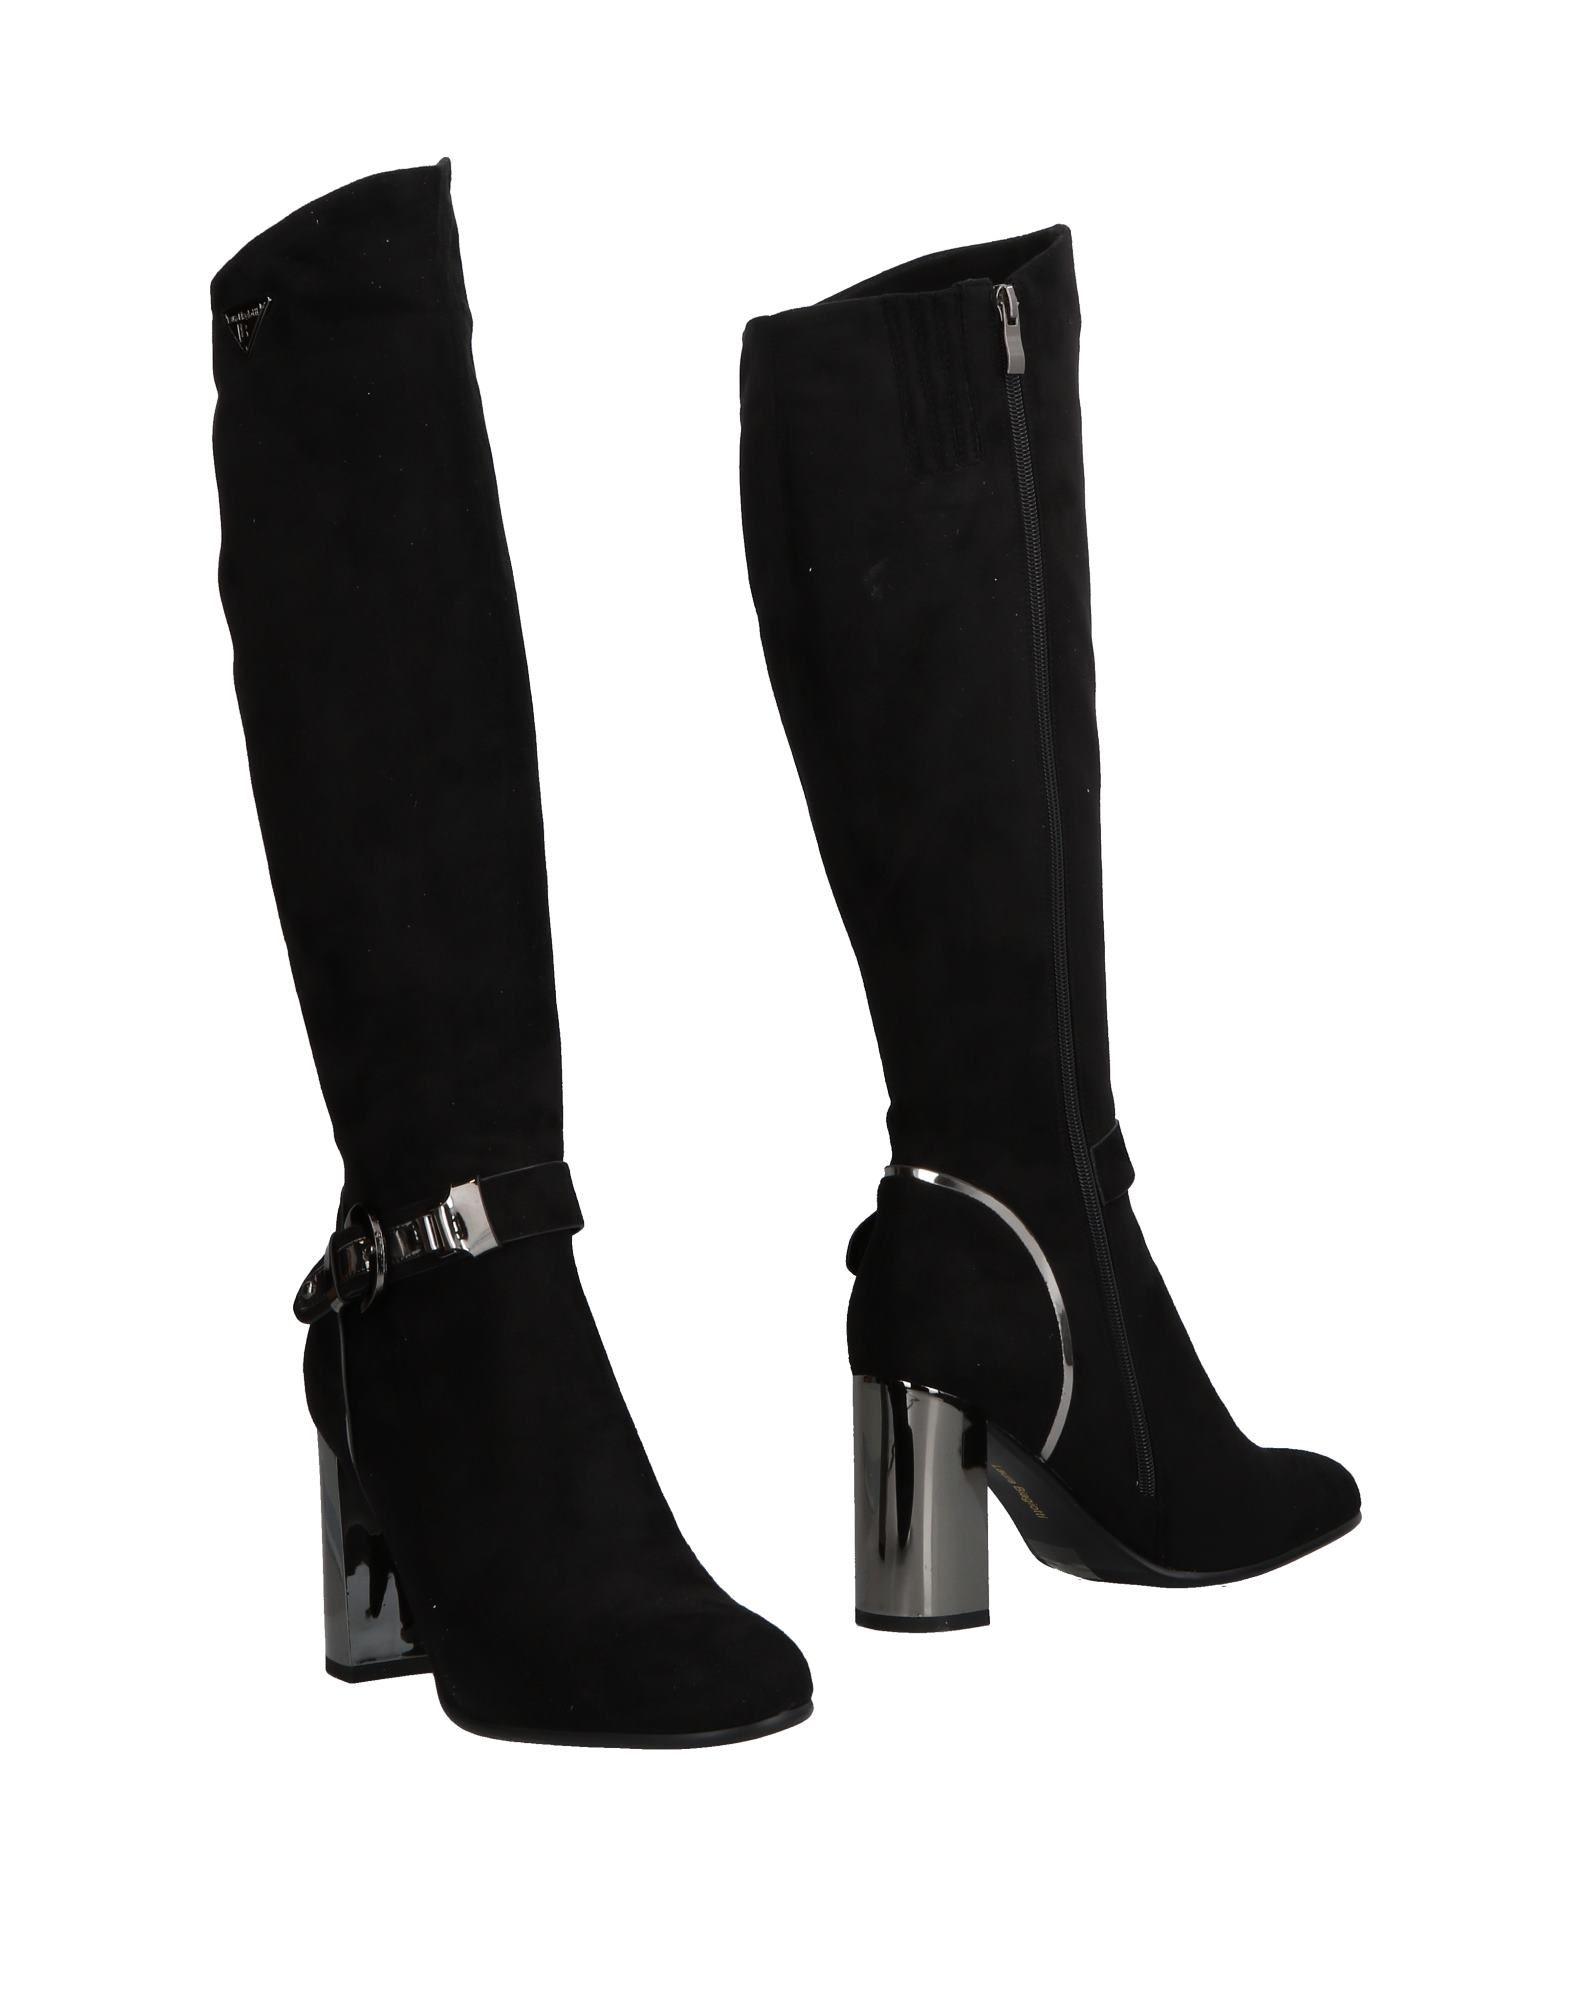 Laura Biagiotti Stiefel Damen  11506179CK Gute Qualität beliebte Schuhe